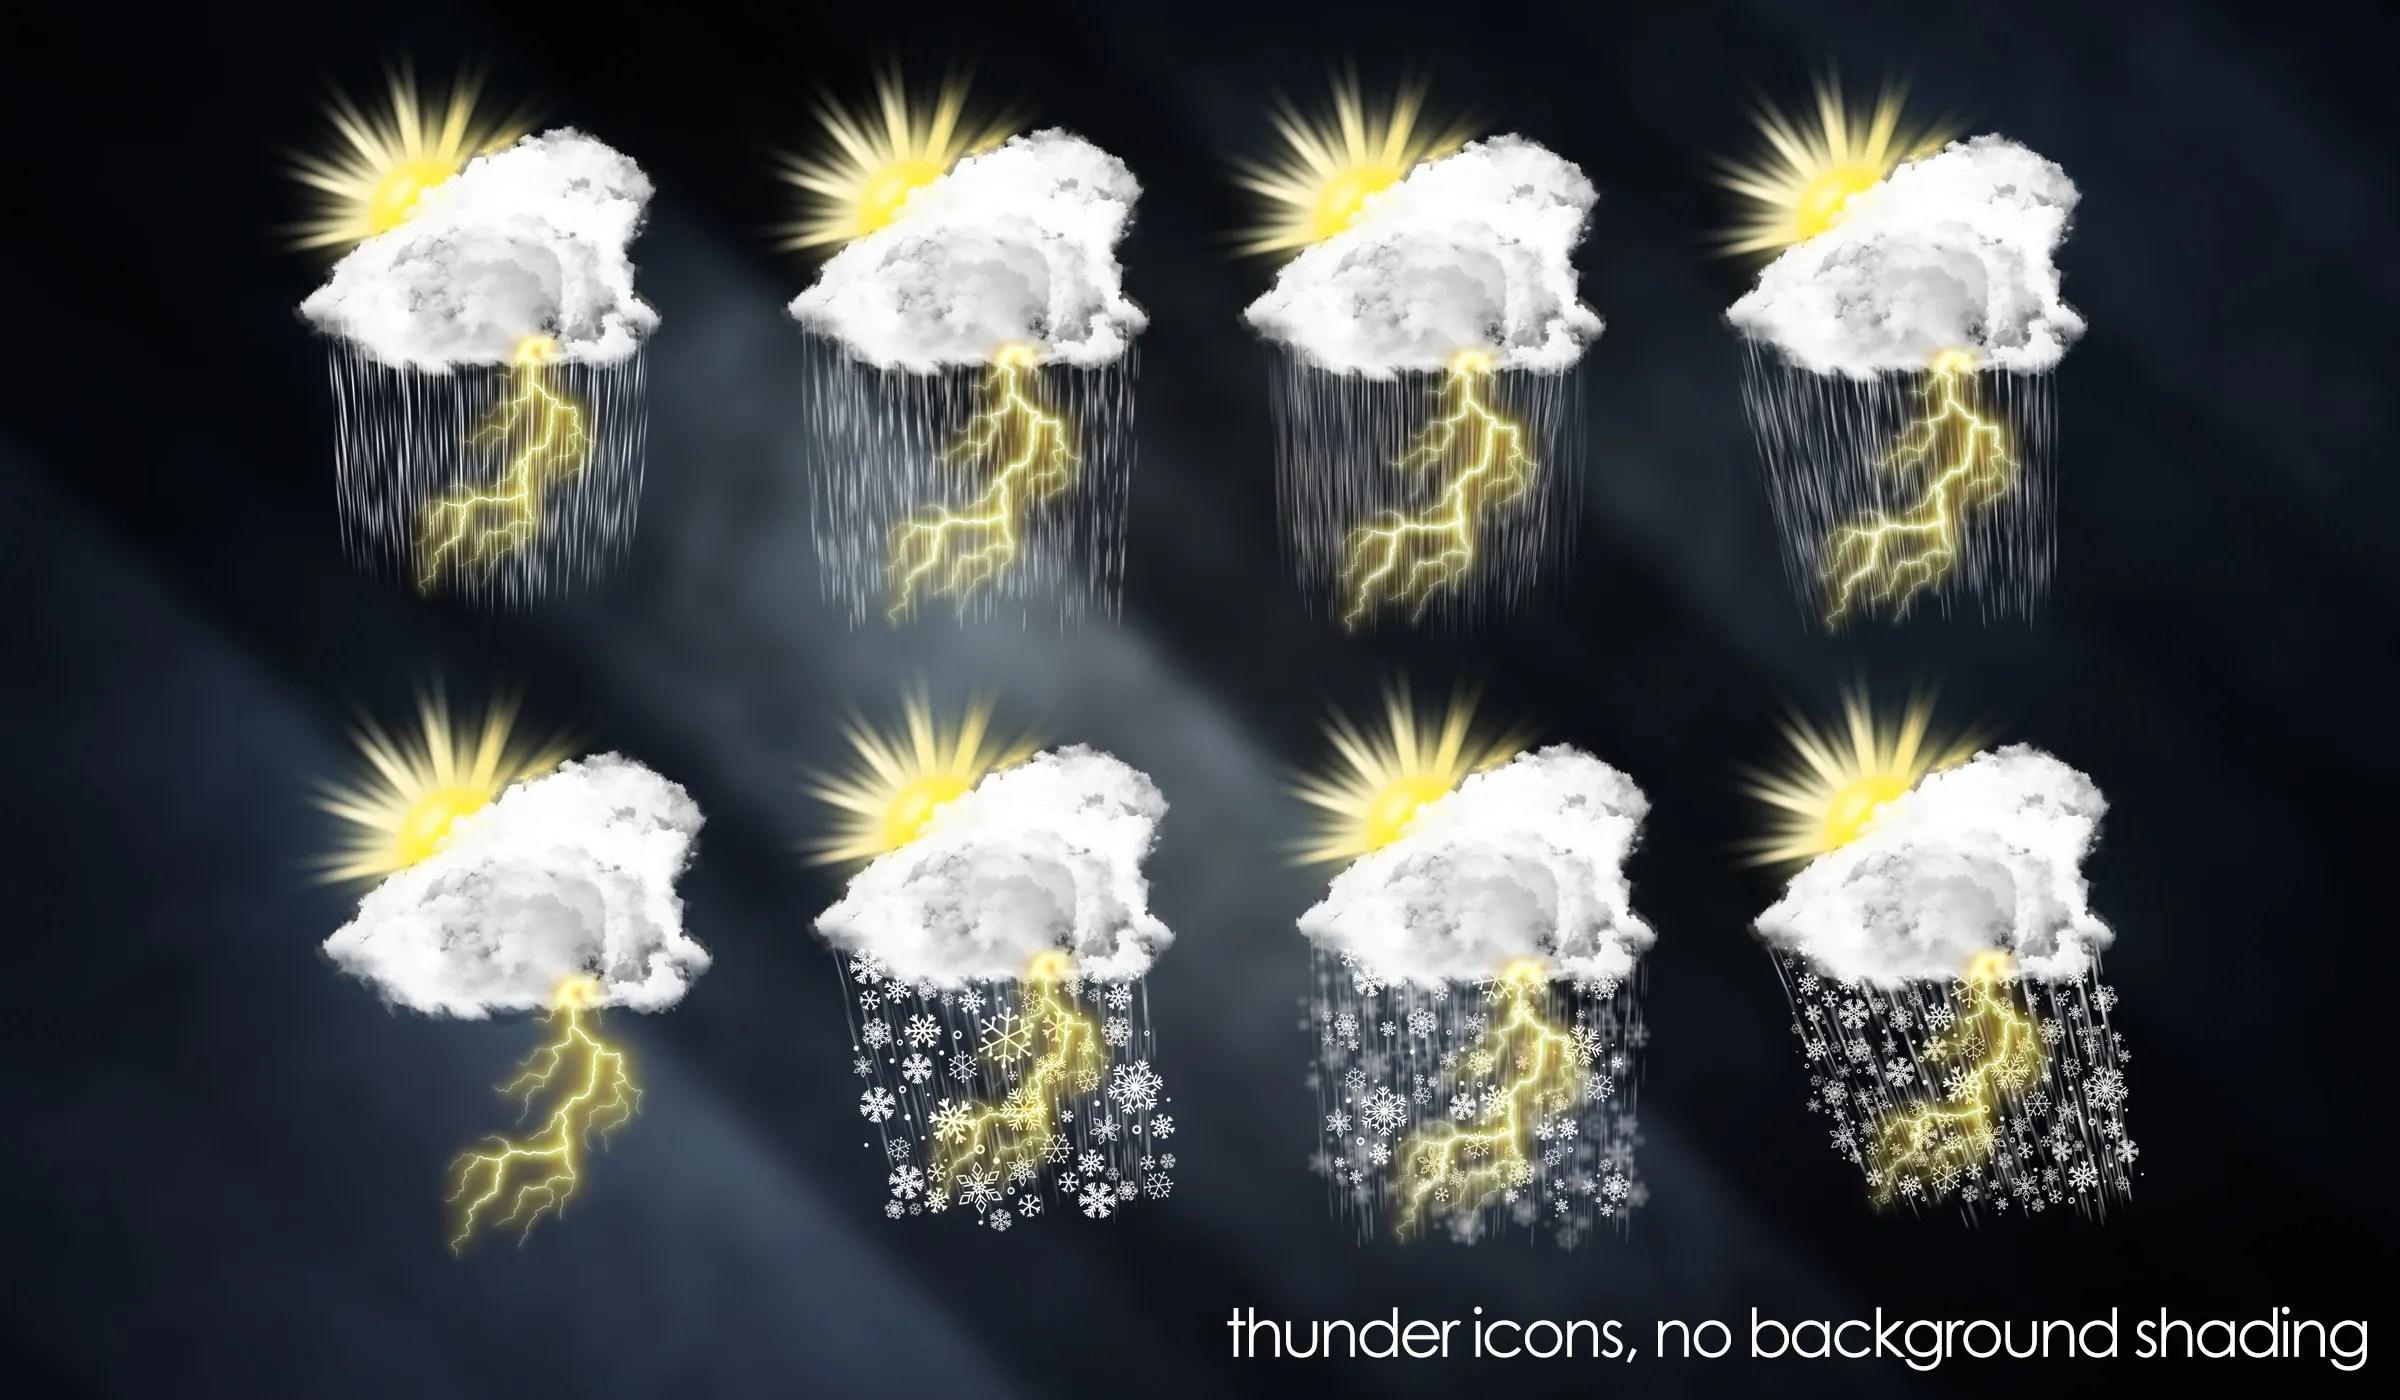 thunder 4